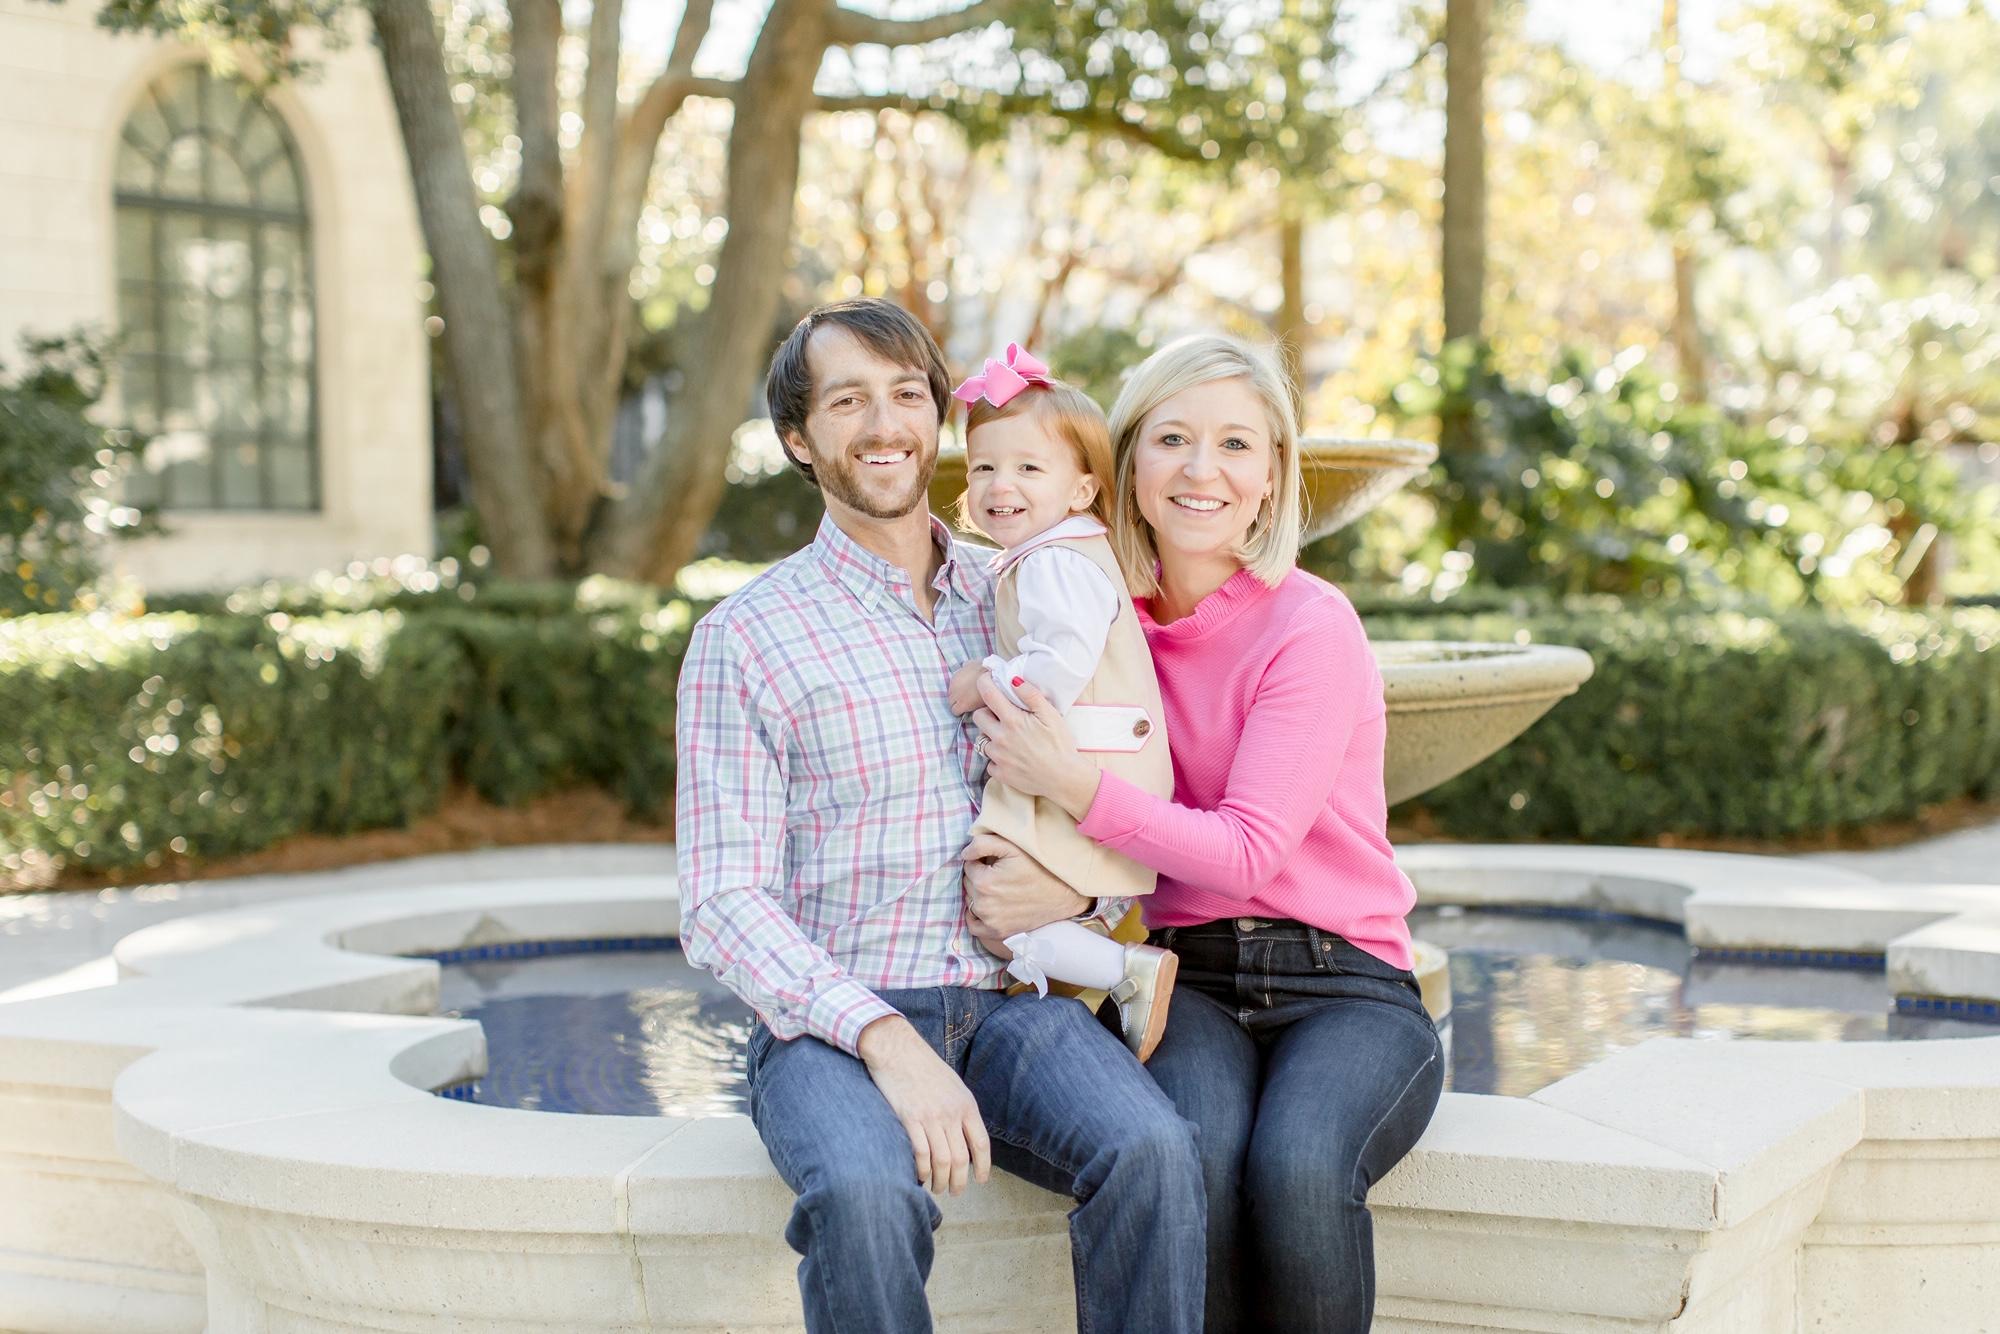 Brett, Libby and Lakyn Flanagan